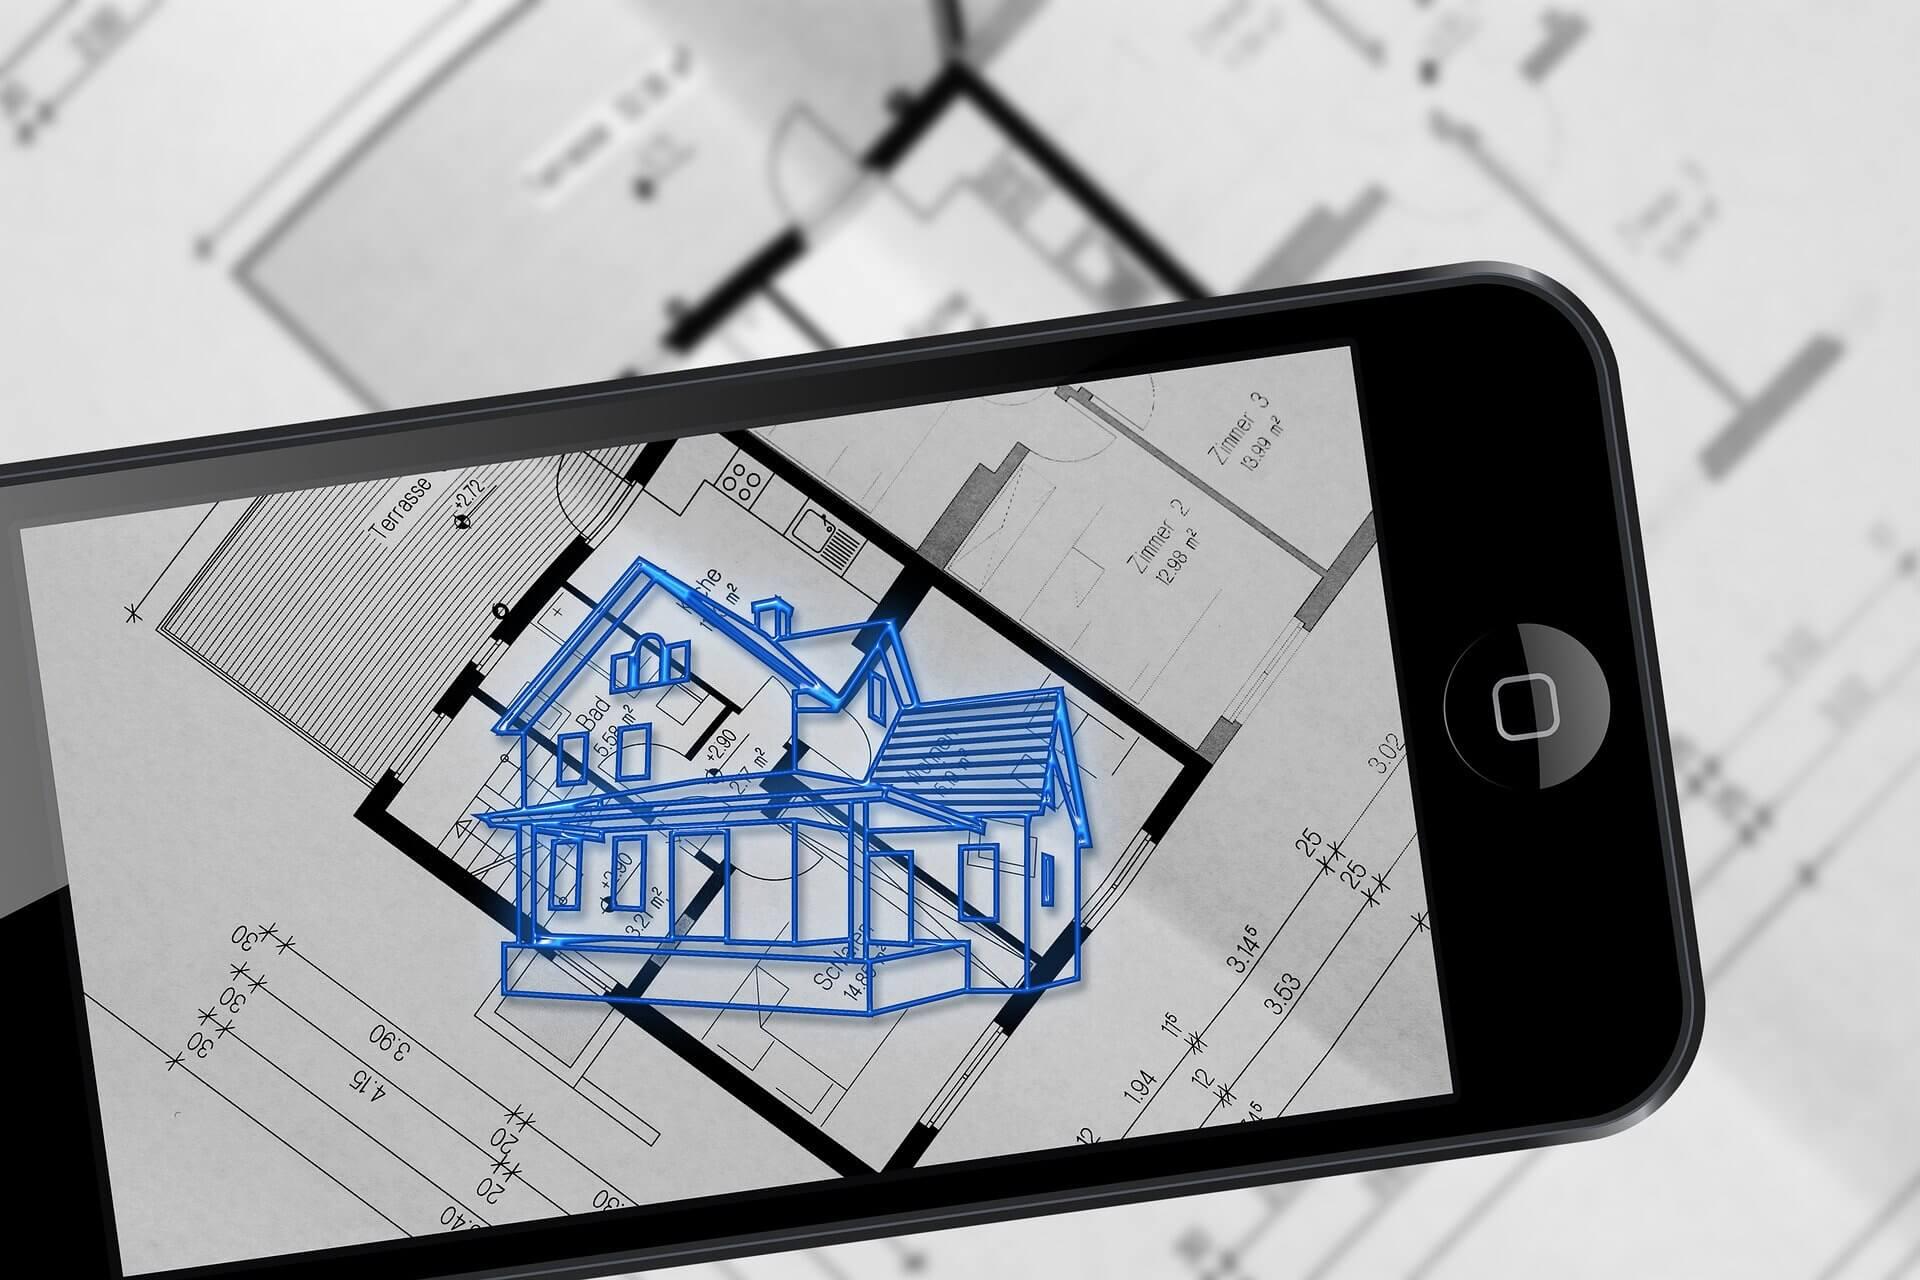 Visualiser sa maison avec les plans grâce à la réalité augmentée